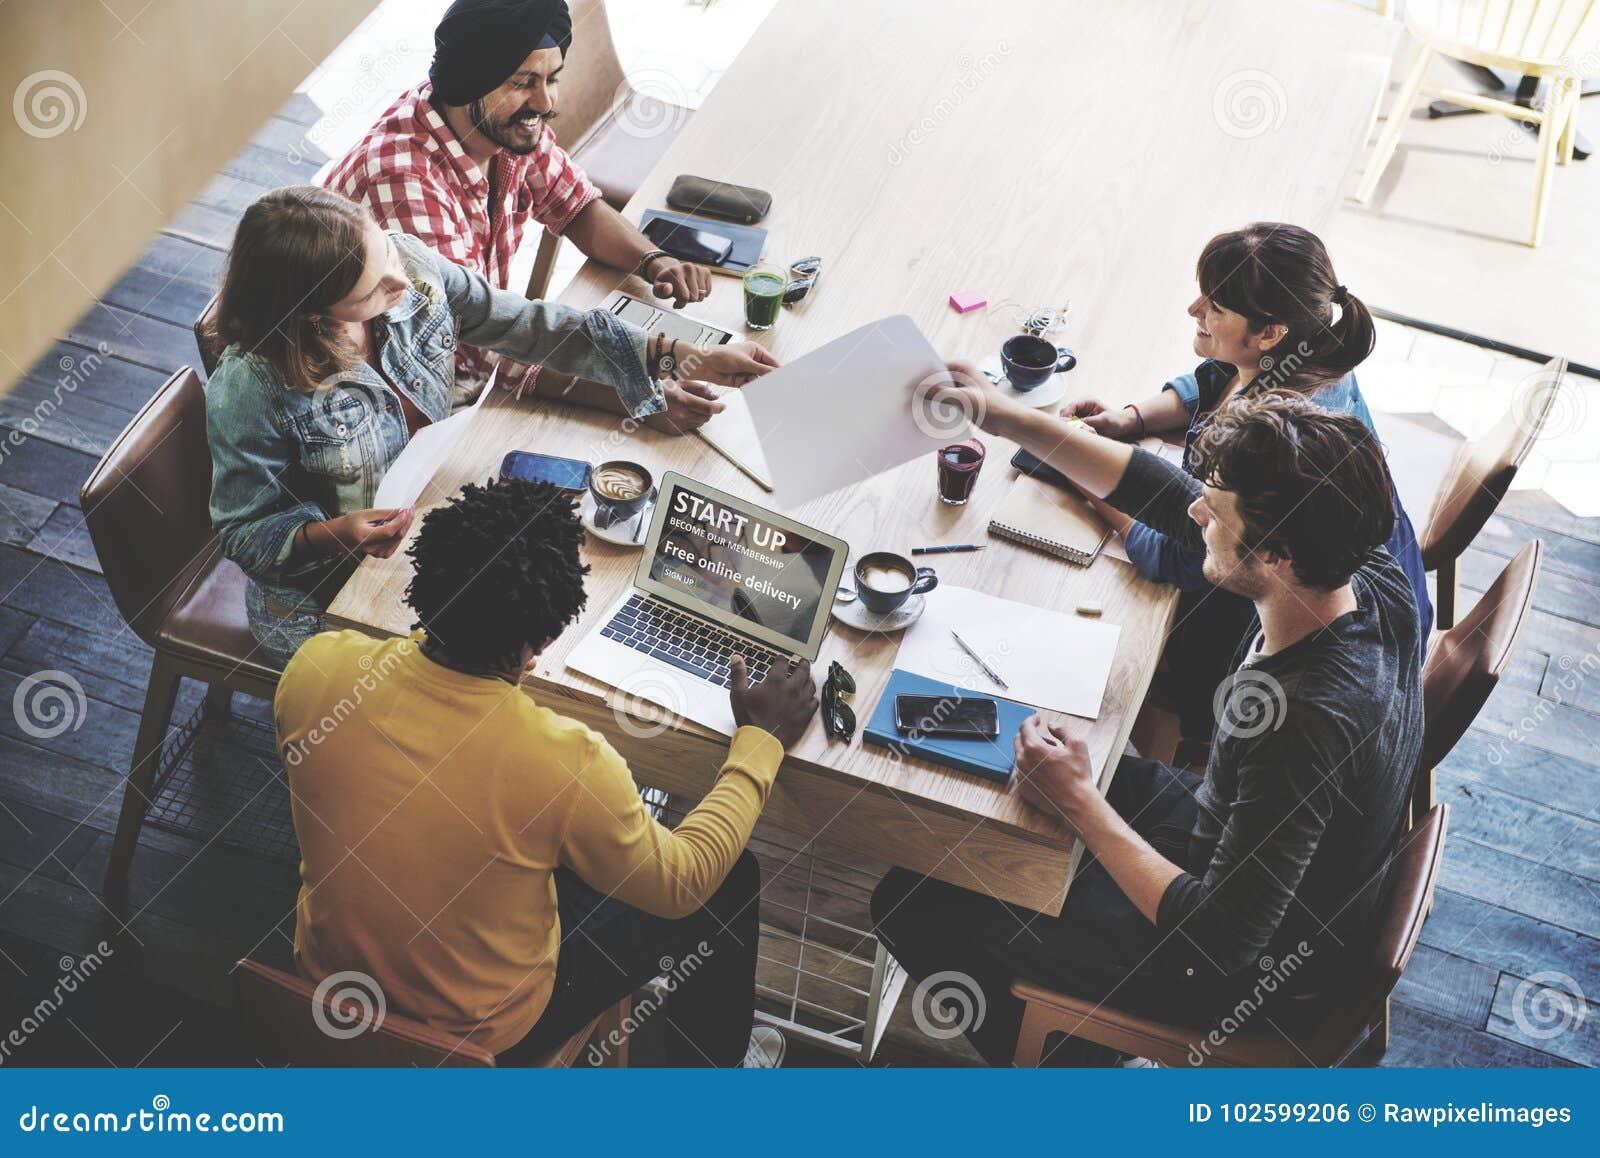 Biznesowego spotkania Brainstorming Początkowy Planistyczny pojęcie